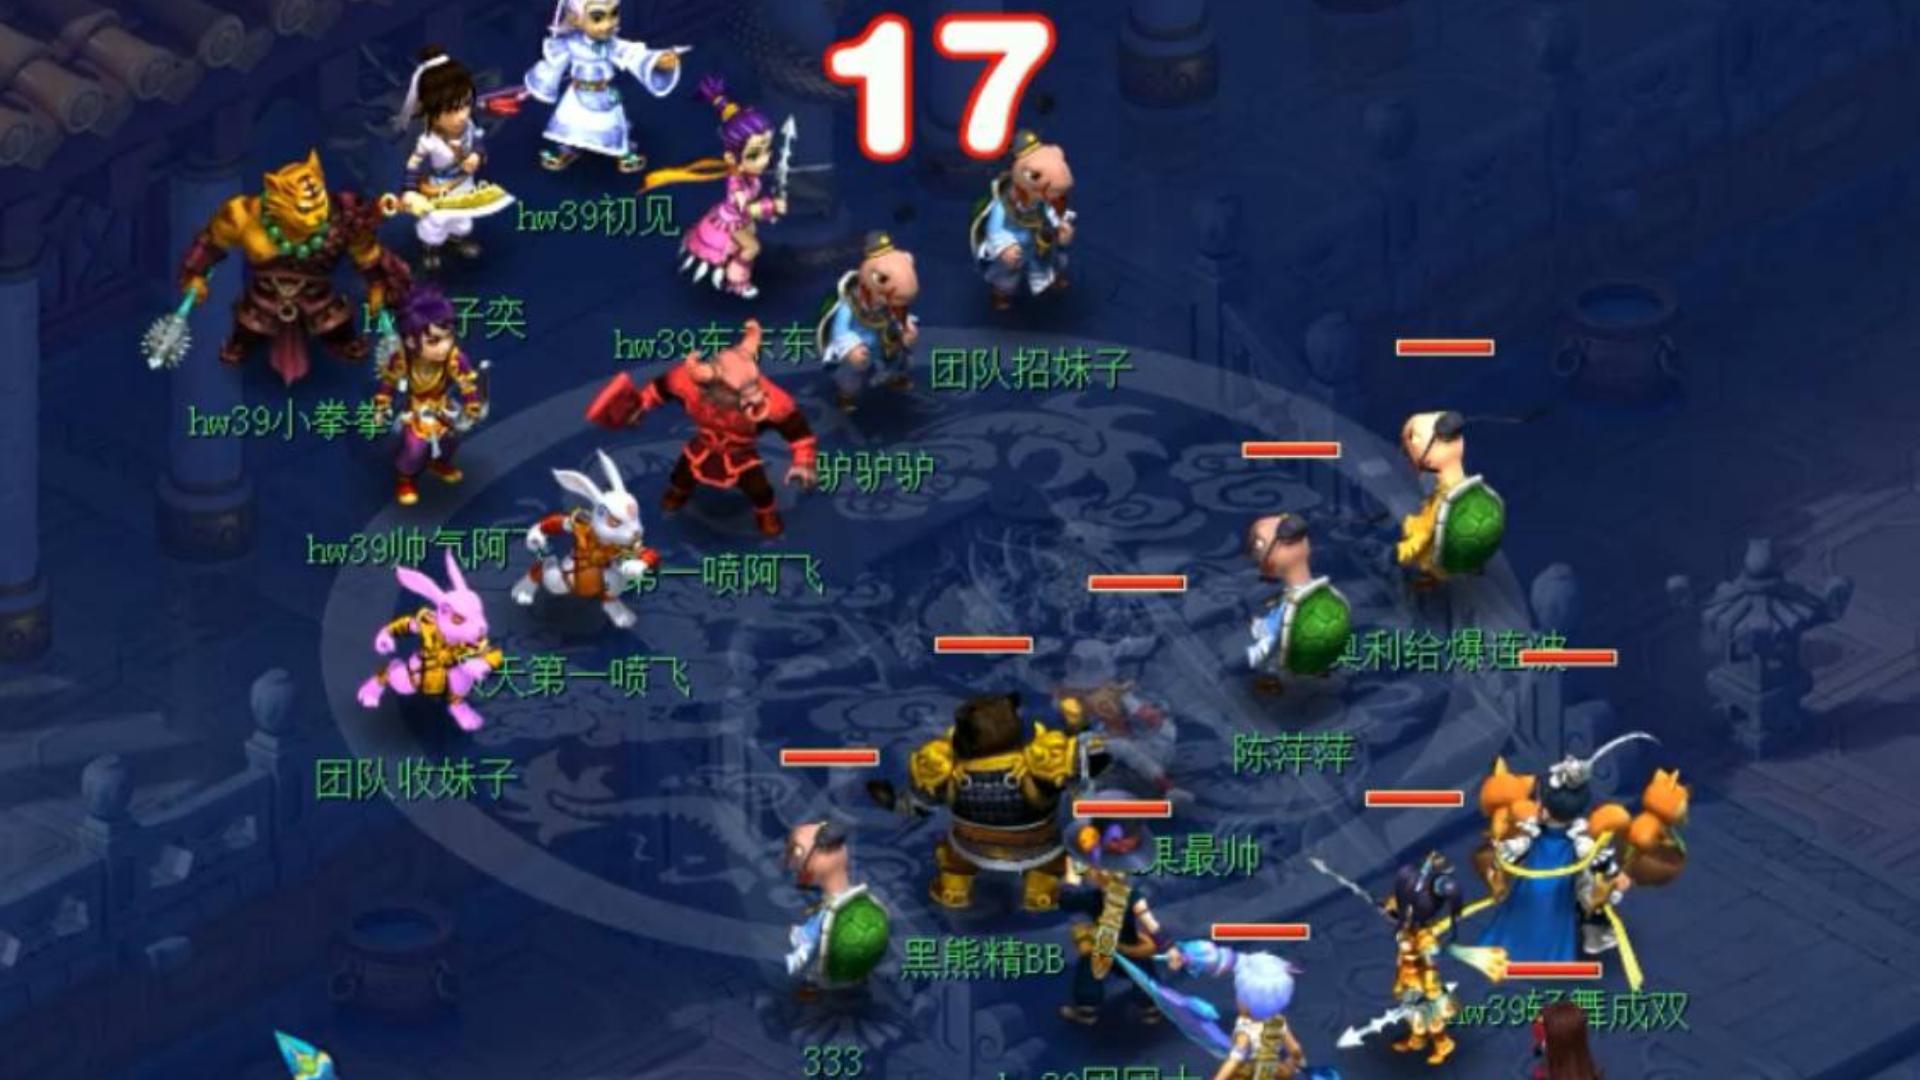 梦幻西游:39级天猴组比赛,相对公平的硬件,很考验指挥者的能力